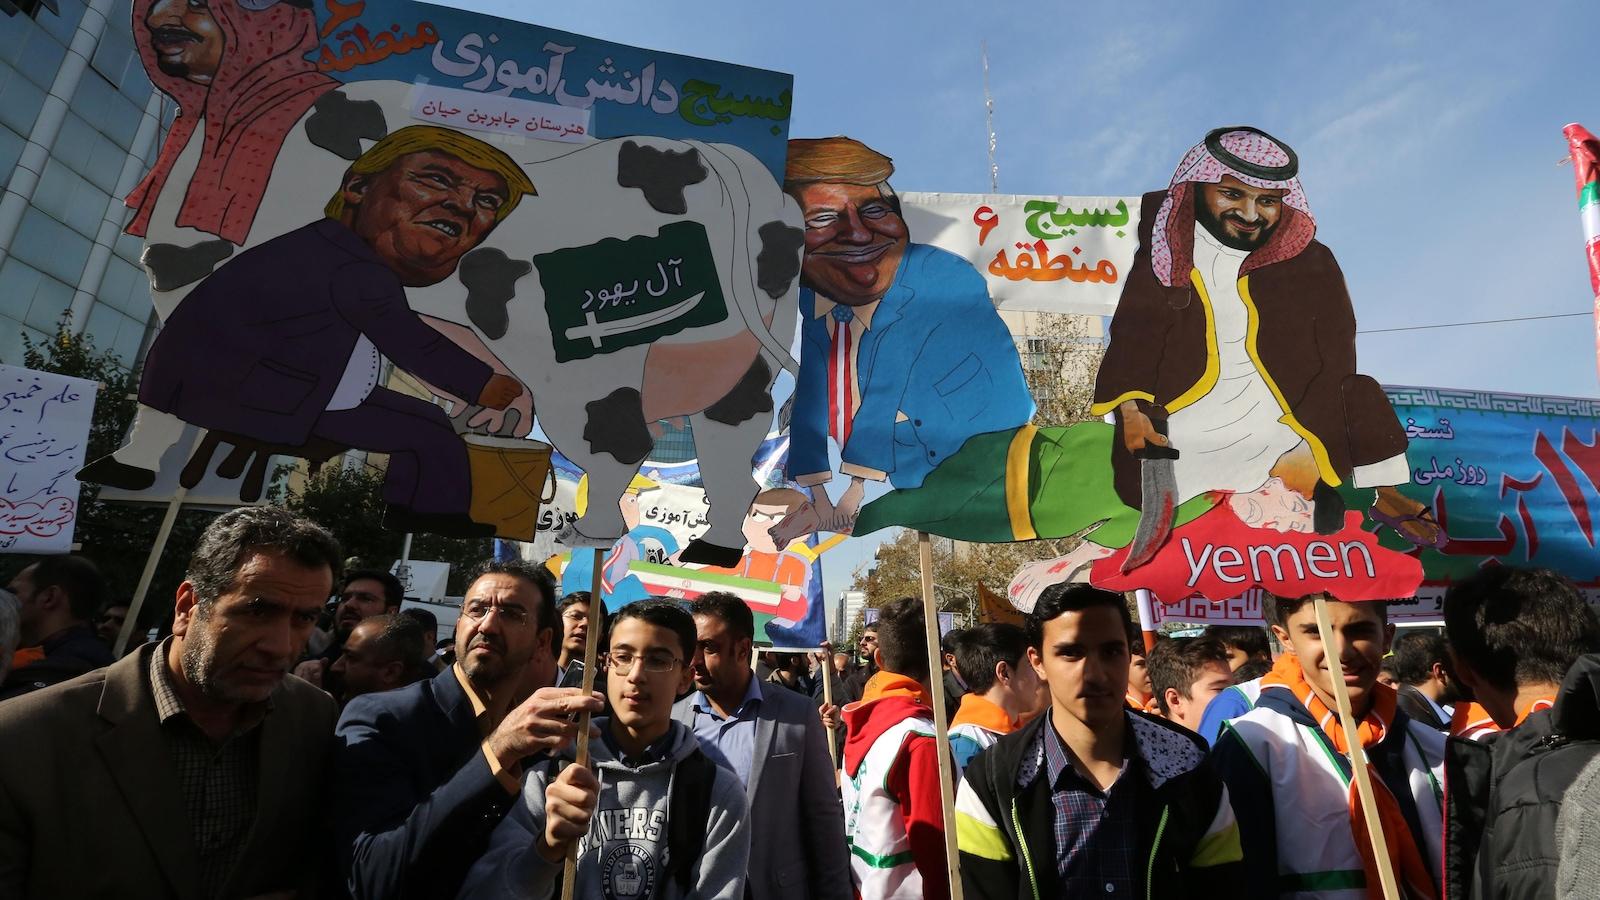 Des manifestants brandissant des caricatures montrant le président américain Donald Trump en train de traire le lait d'une vache frappé d'un drapeau saoudien sur le côté et portant la tête du roi Salmane d'Arabie saoudite.